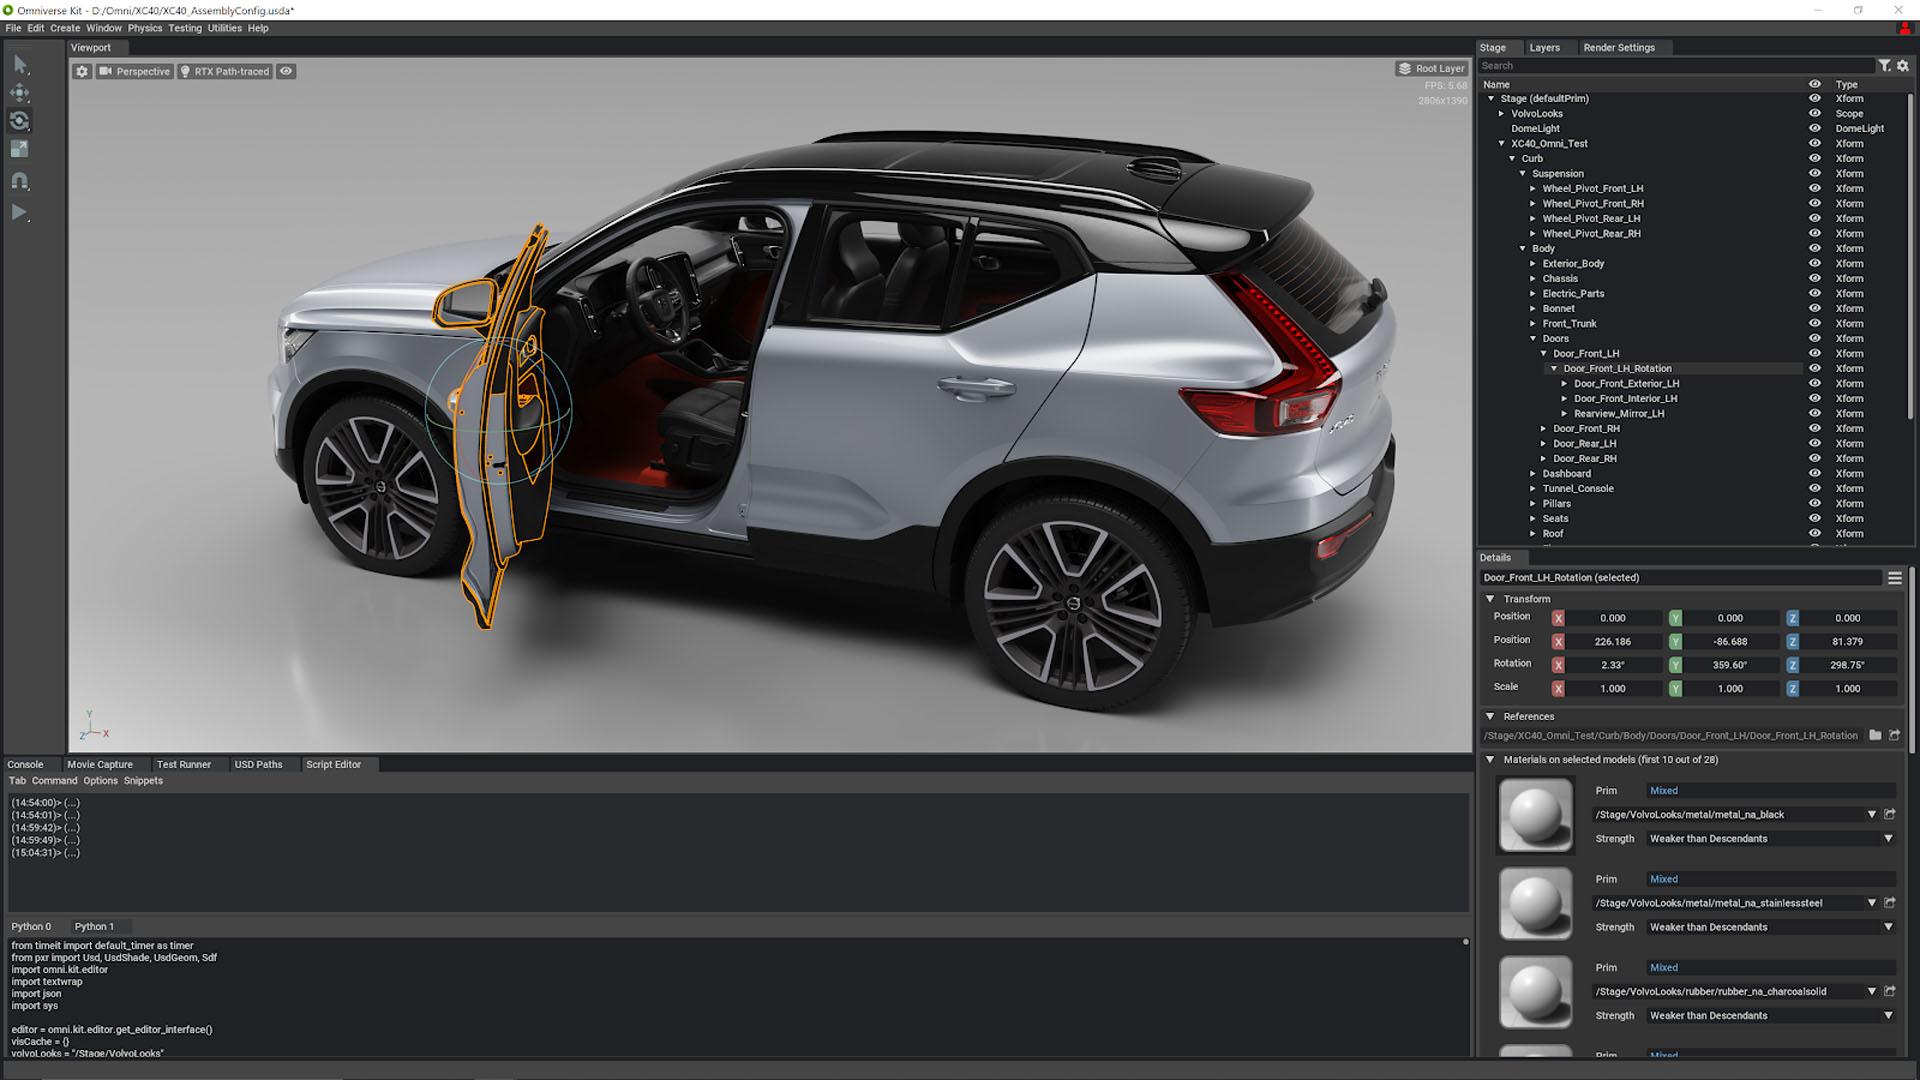 Nvidia Omniverse Volvo testing